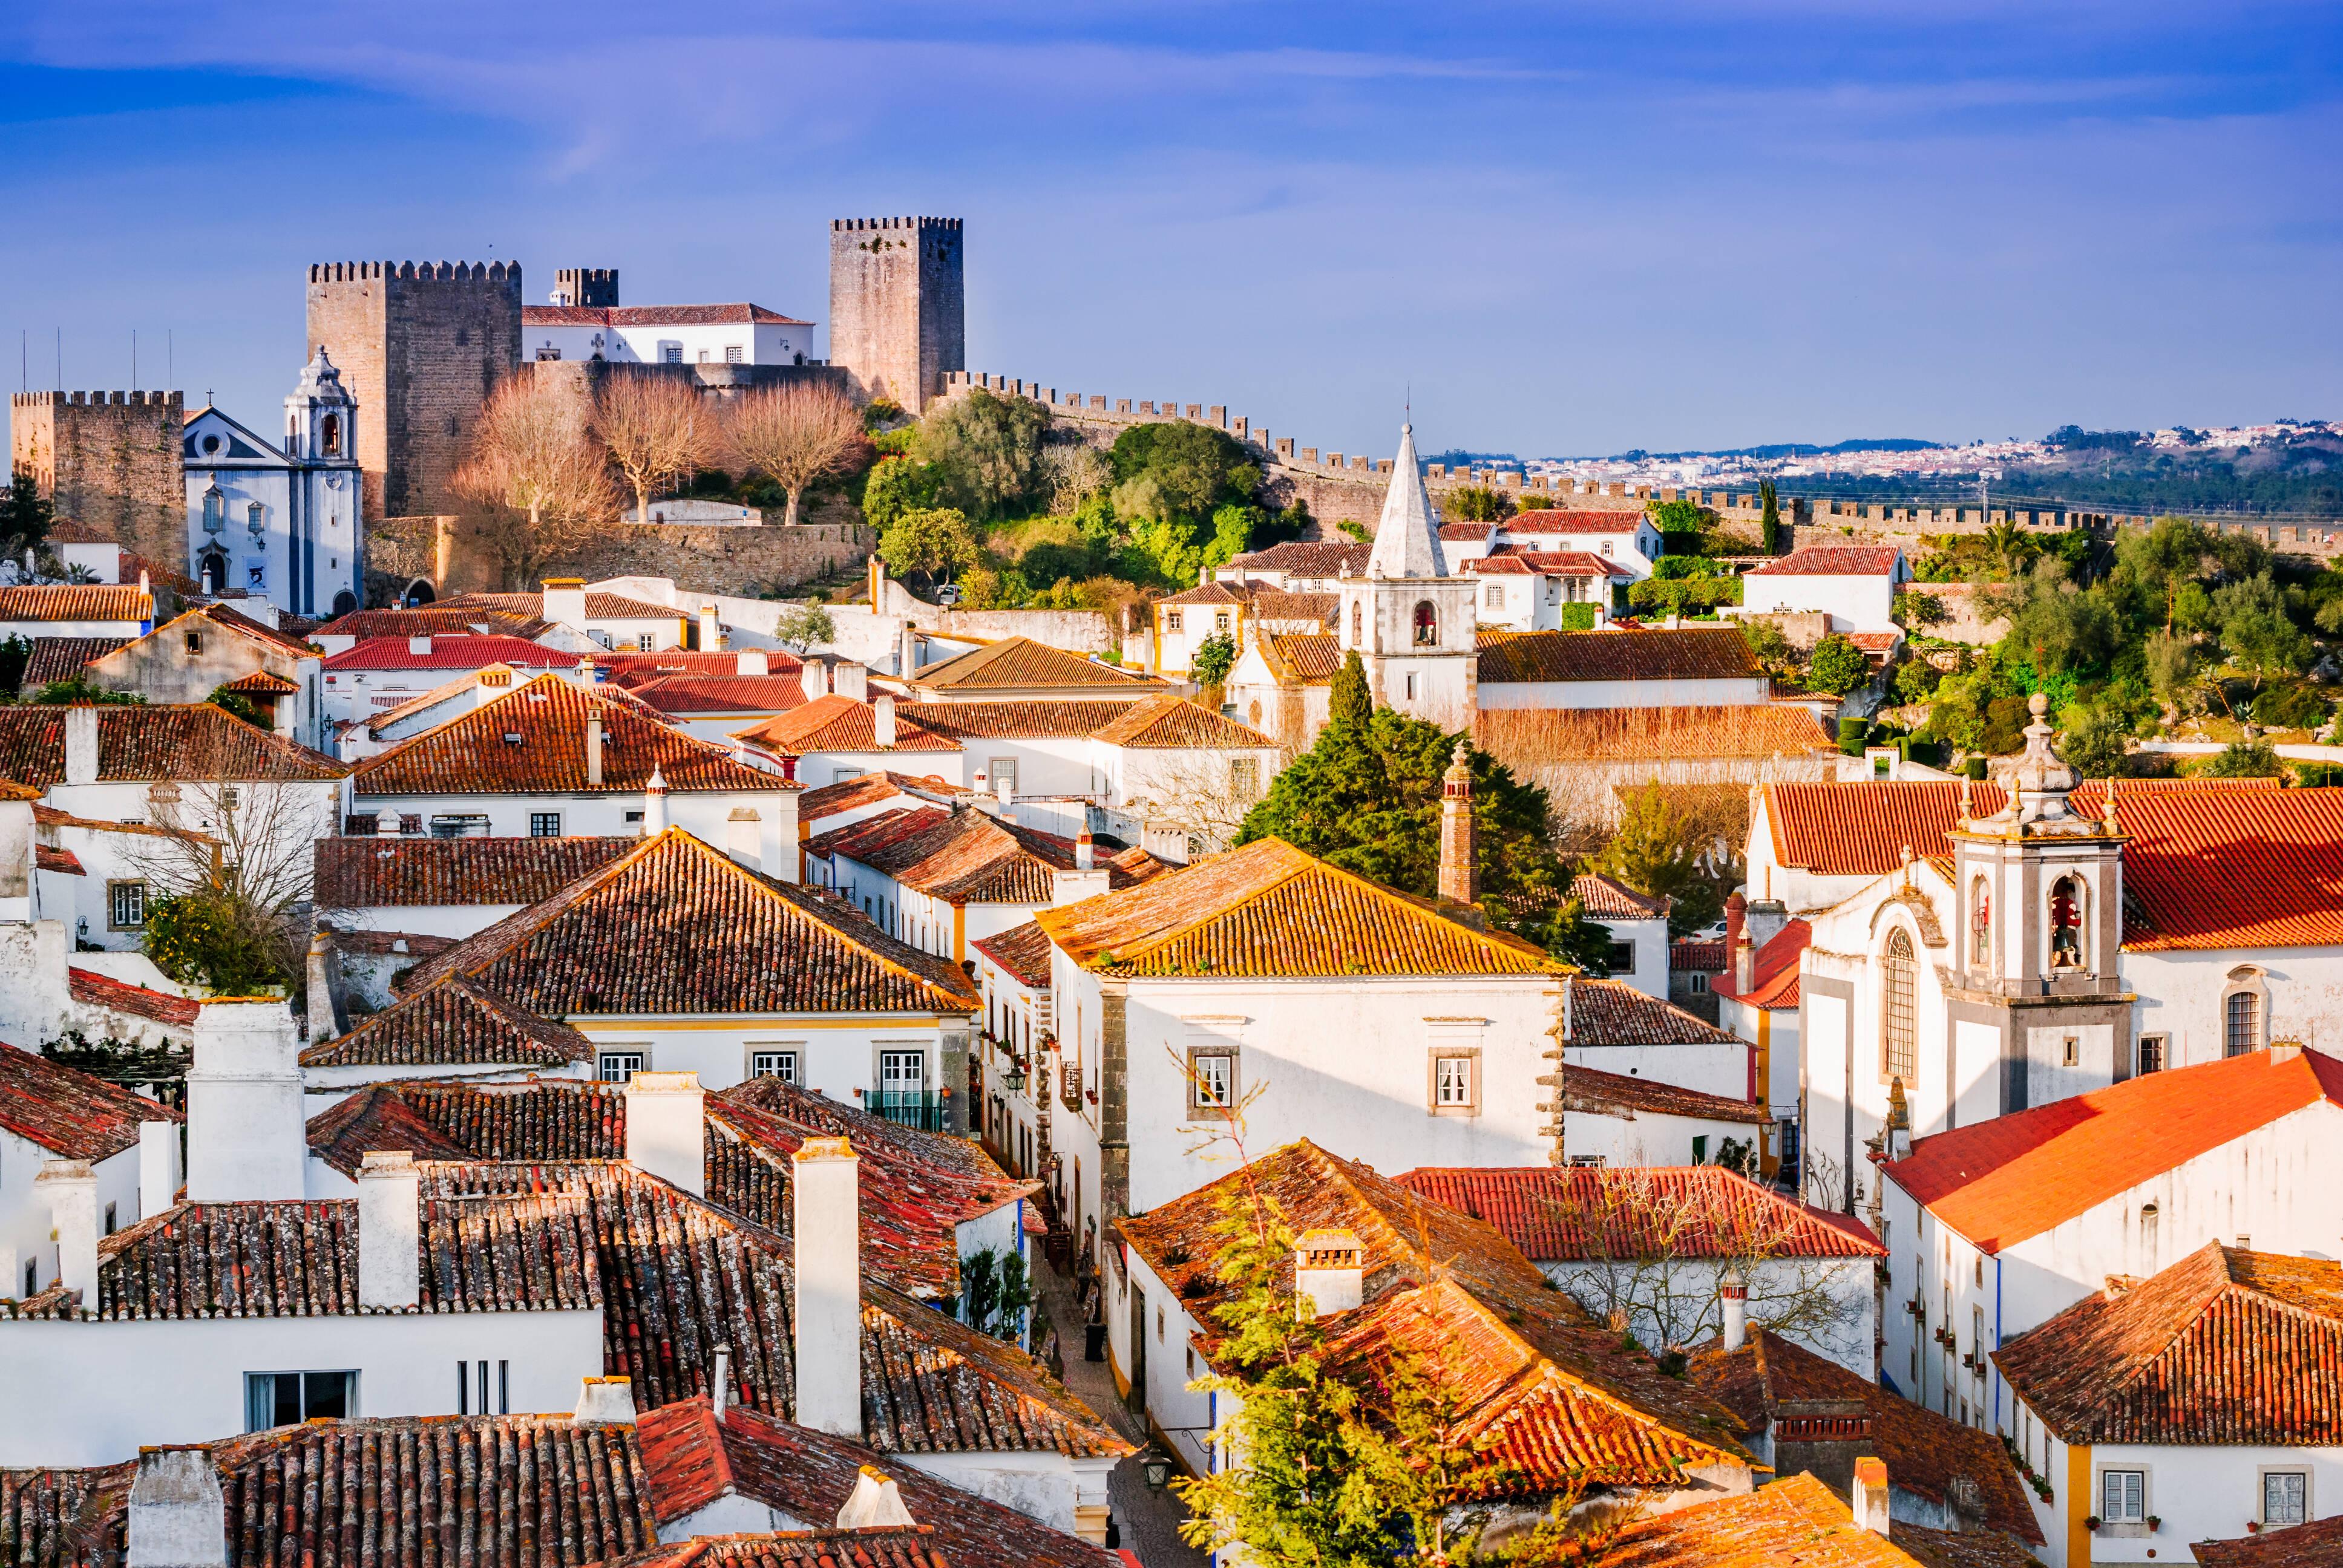 Óbidos é famosa por suas casas de paredes brancas e ruas sinuosas que cortam a cidade cercada por uma muralha. Foto: shutterstock